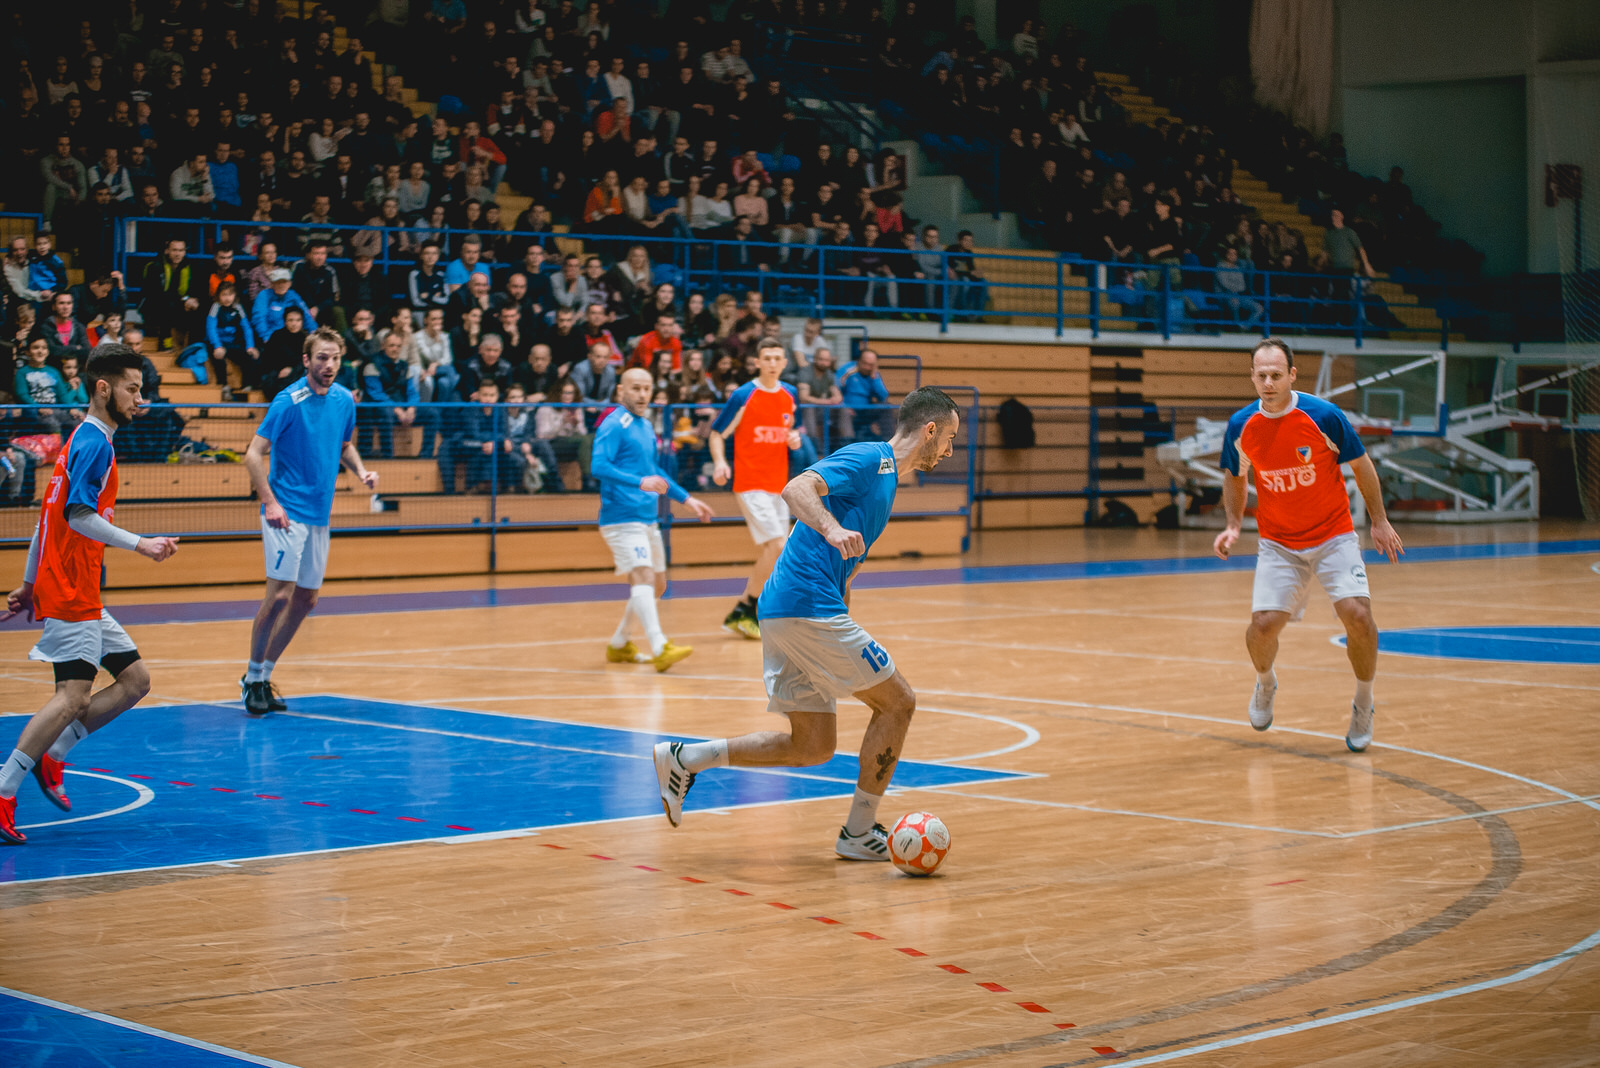 likaclub_gospić_zimski-malonogometni-turnir-2018-19-56